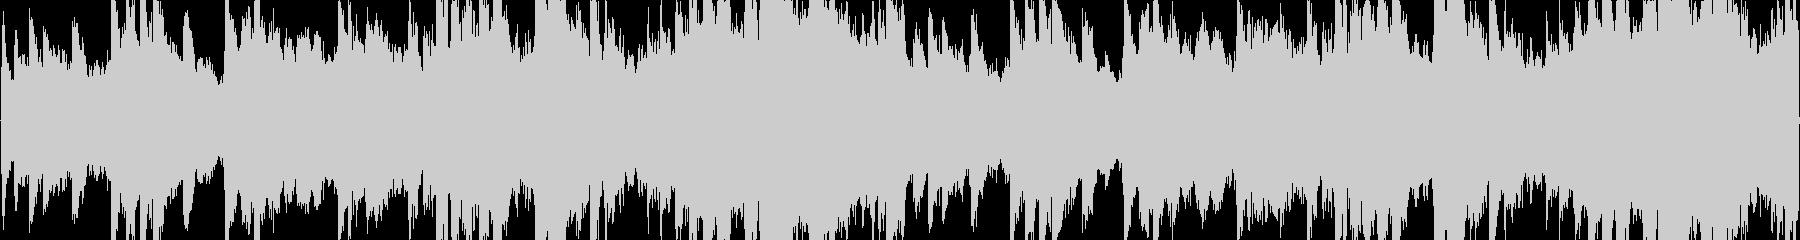 ゆったりとしたヒーリング系ピアノBGMの未再生の波形